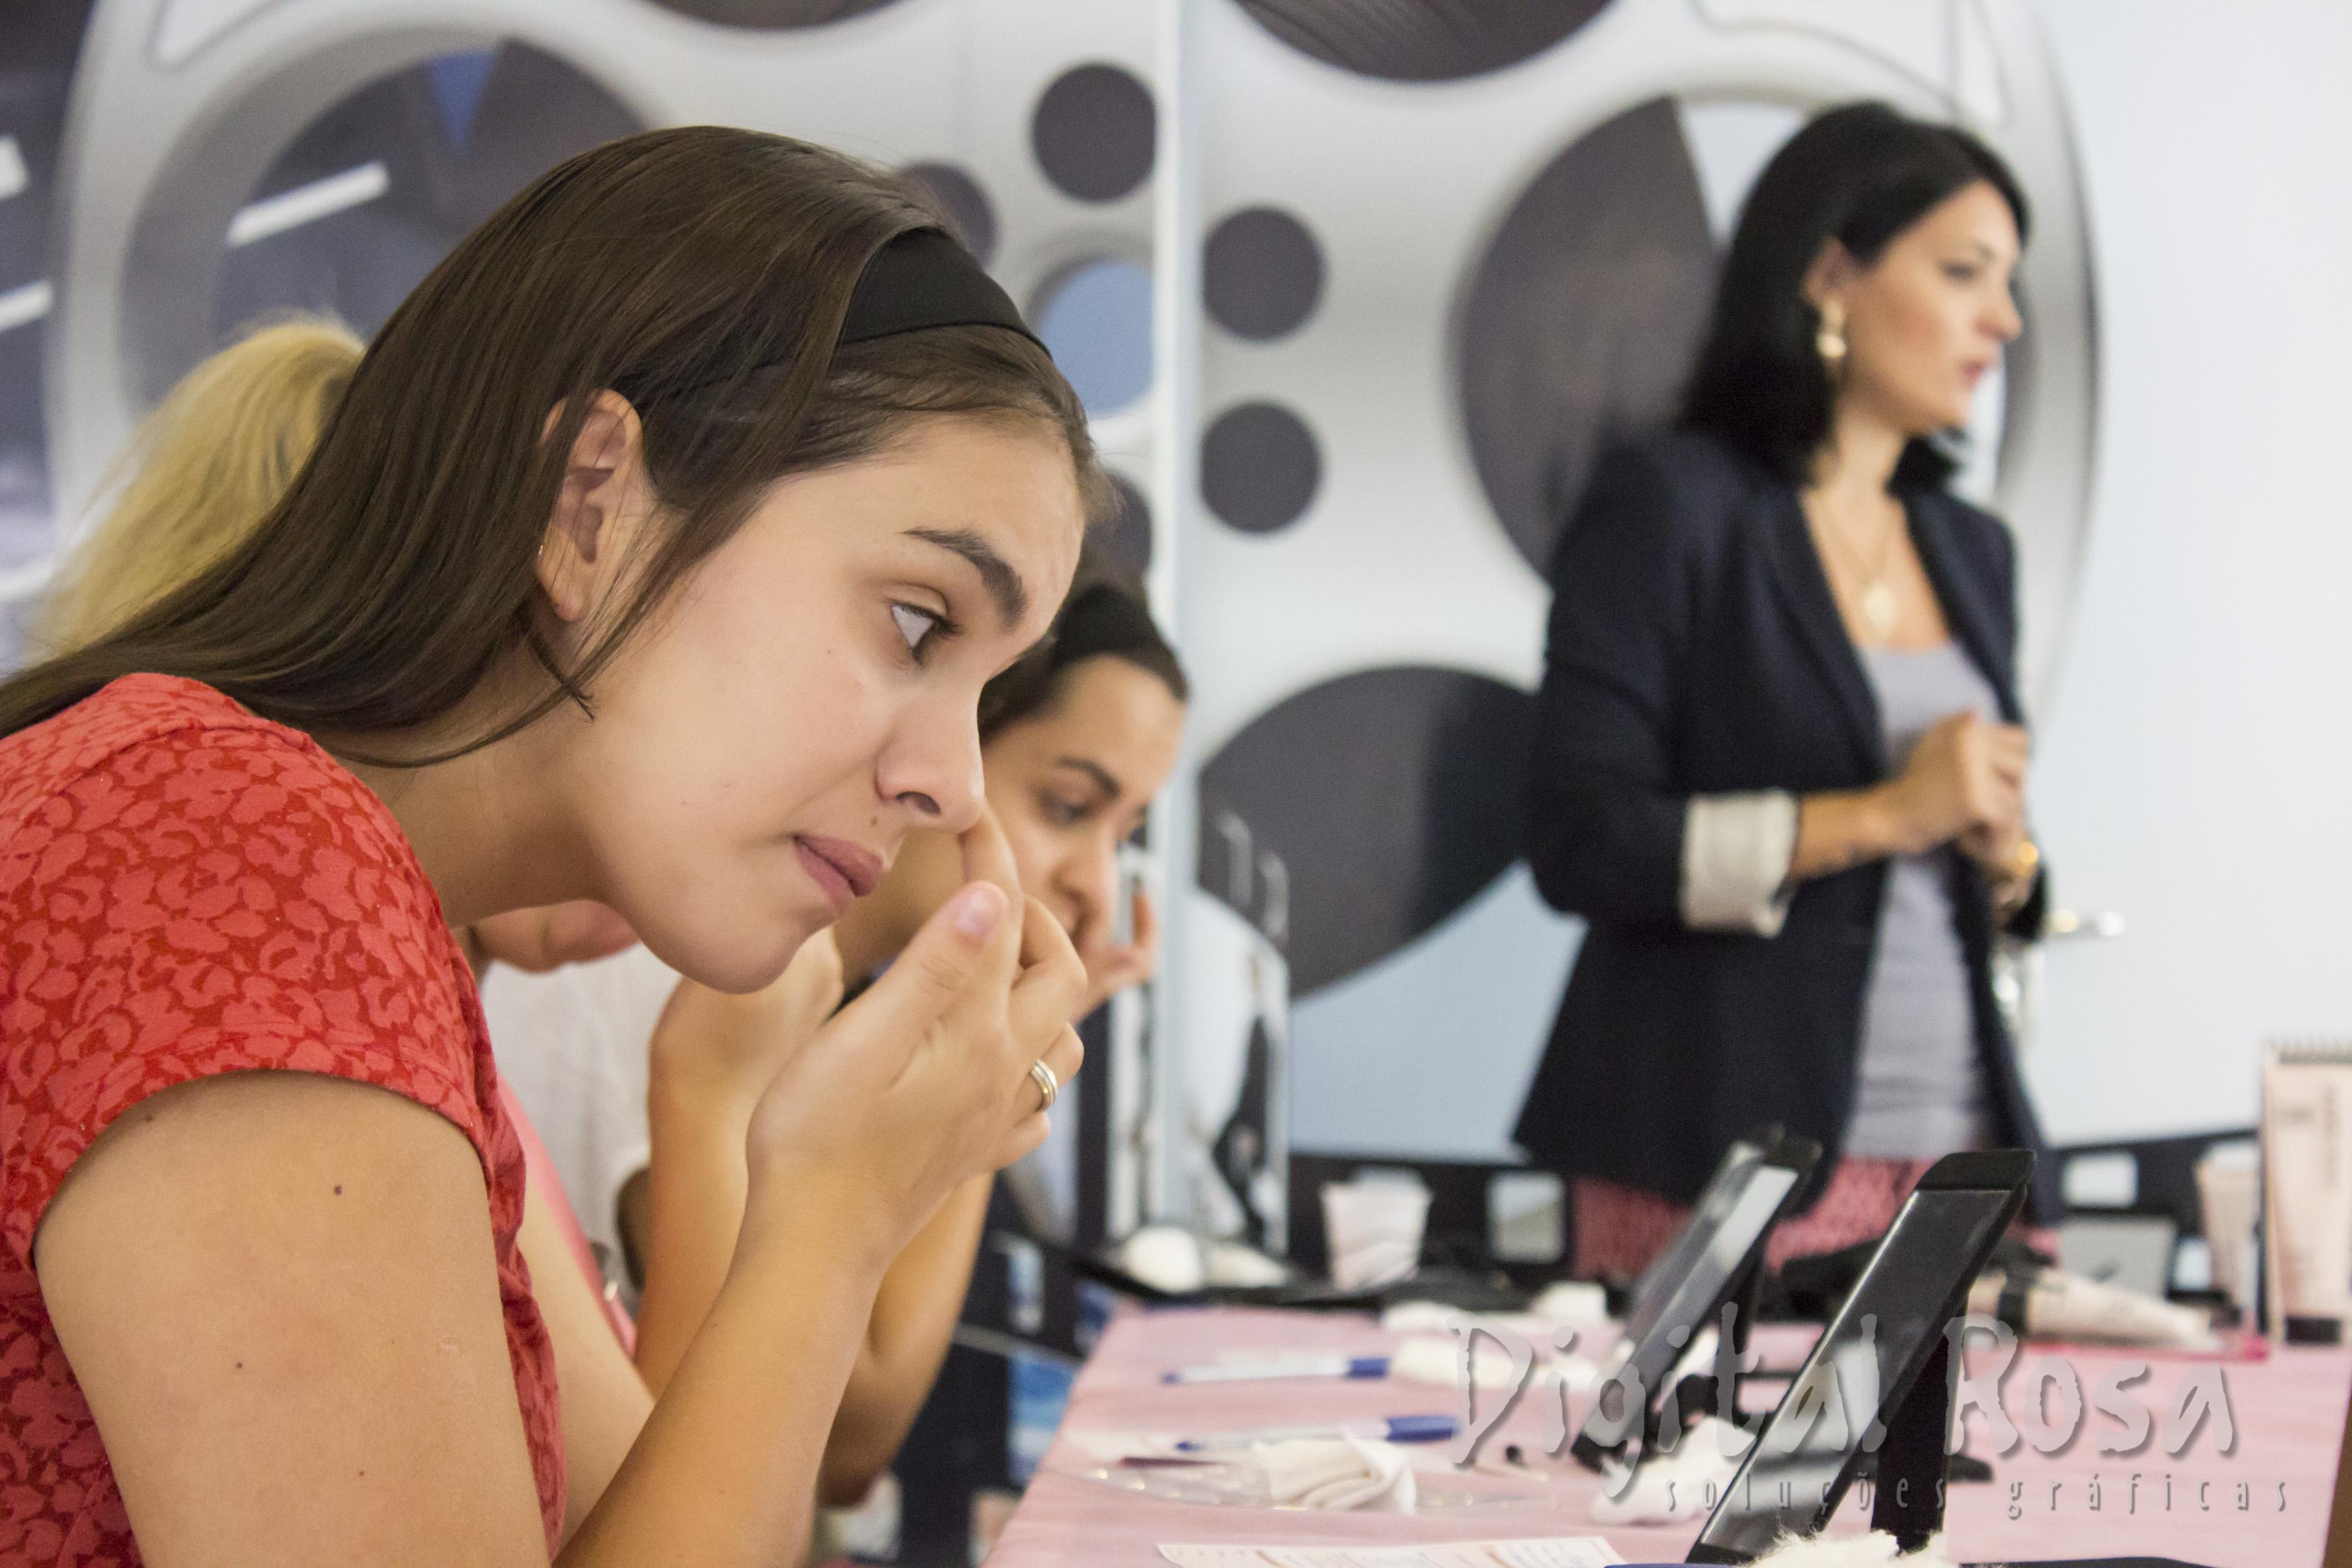 workshop de imagem pessoal e automaquiagem para o trabalho